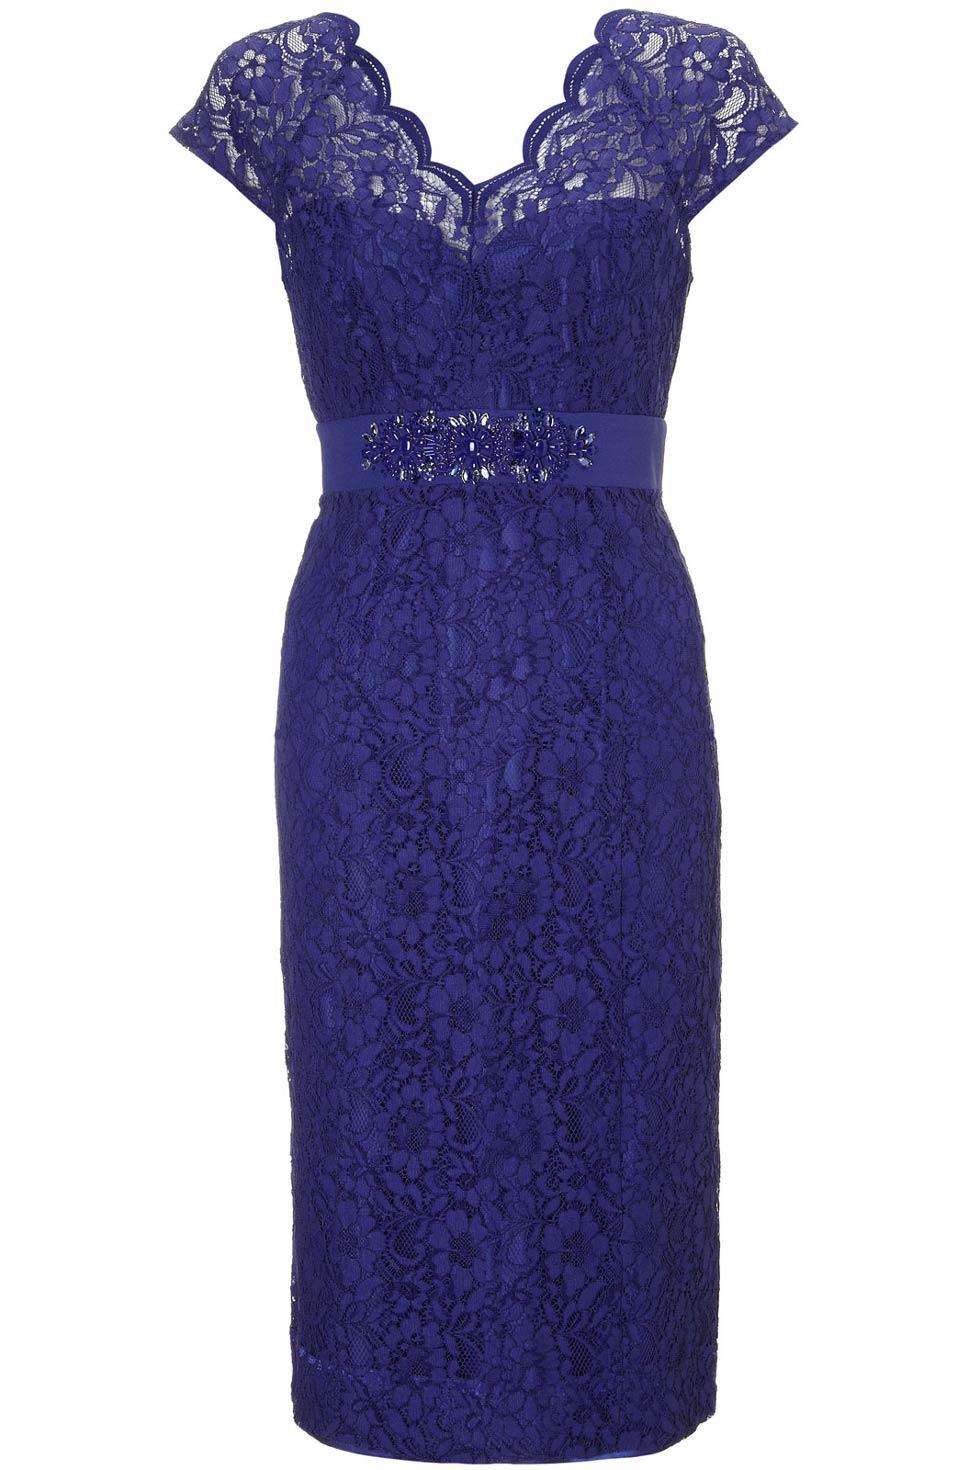 robe de soirée bleu élégante en dentelle avec ceinture orné de strass pour mariage